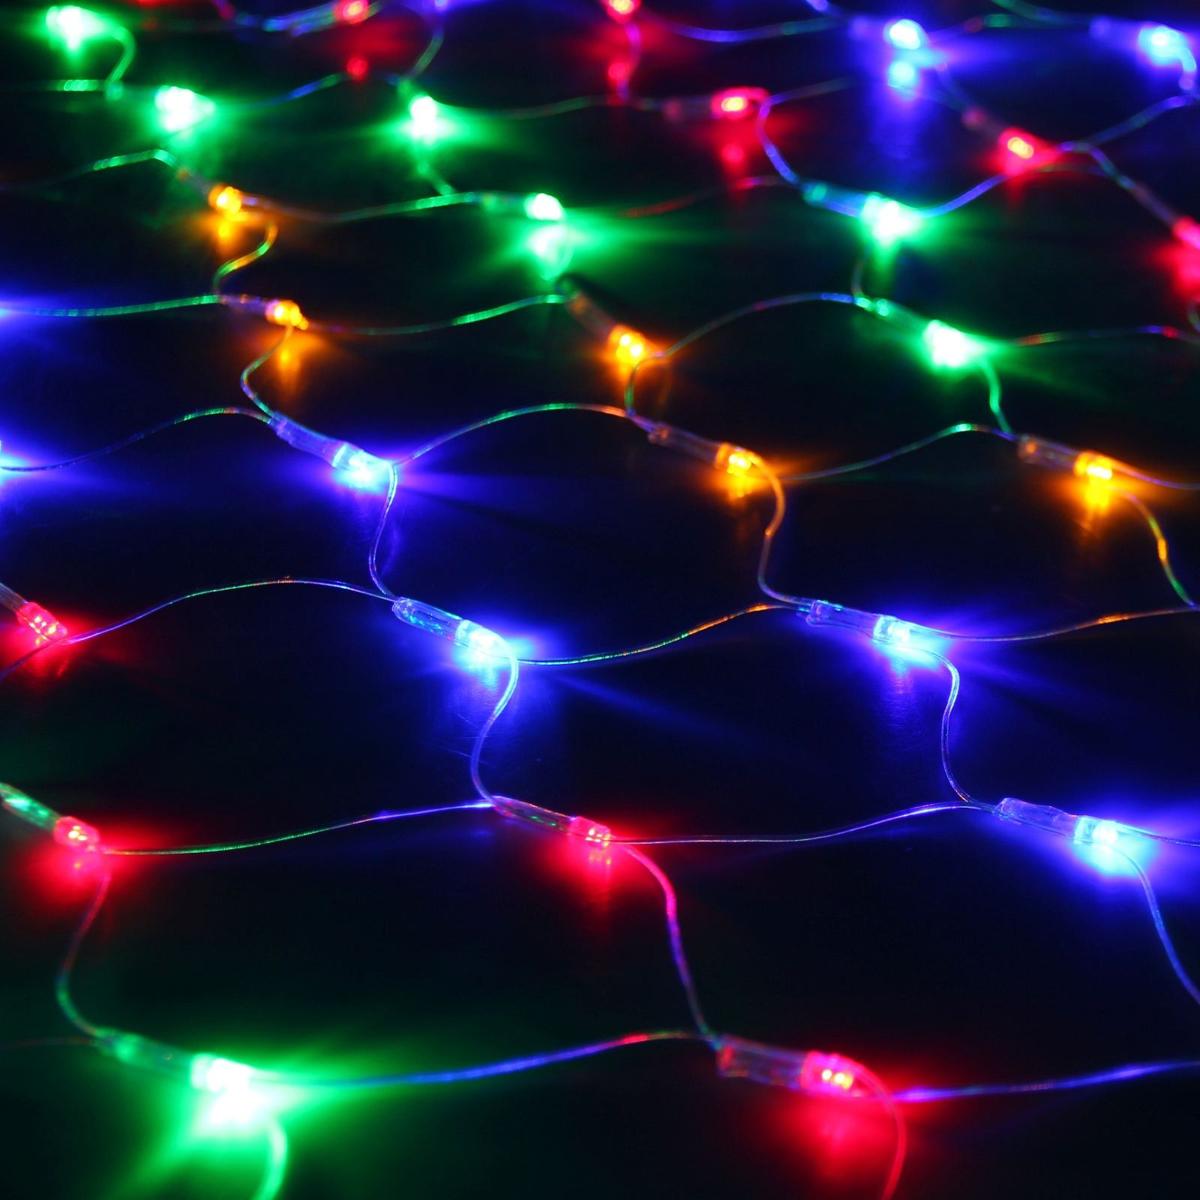 Гирлянда Luazon Сетка, длина 1,1 м, LED 144 ламп, 220V, цвет: мультиколор. 671624671624Светодиодные гирлянды, ленты Luazon Сетка — это отличный вариант для новогоднего оформления интерьера или фасада. С их помощью помещение любого размера можно превратить в праздничный зал, а внешние элементы зданий, украшенные ими, мгновенно станут напоминать очертания сказочного дворца. Такие украшения создают ауру предвкушения чуда. Деревья, фасады, витрины, окна и арки будто специально созданы, чтобы вы украсили их светящимися нитями.